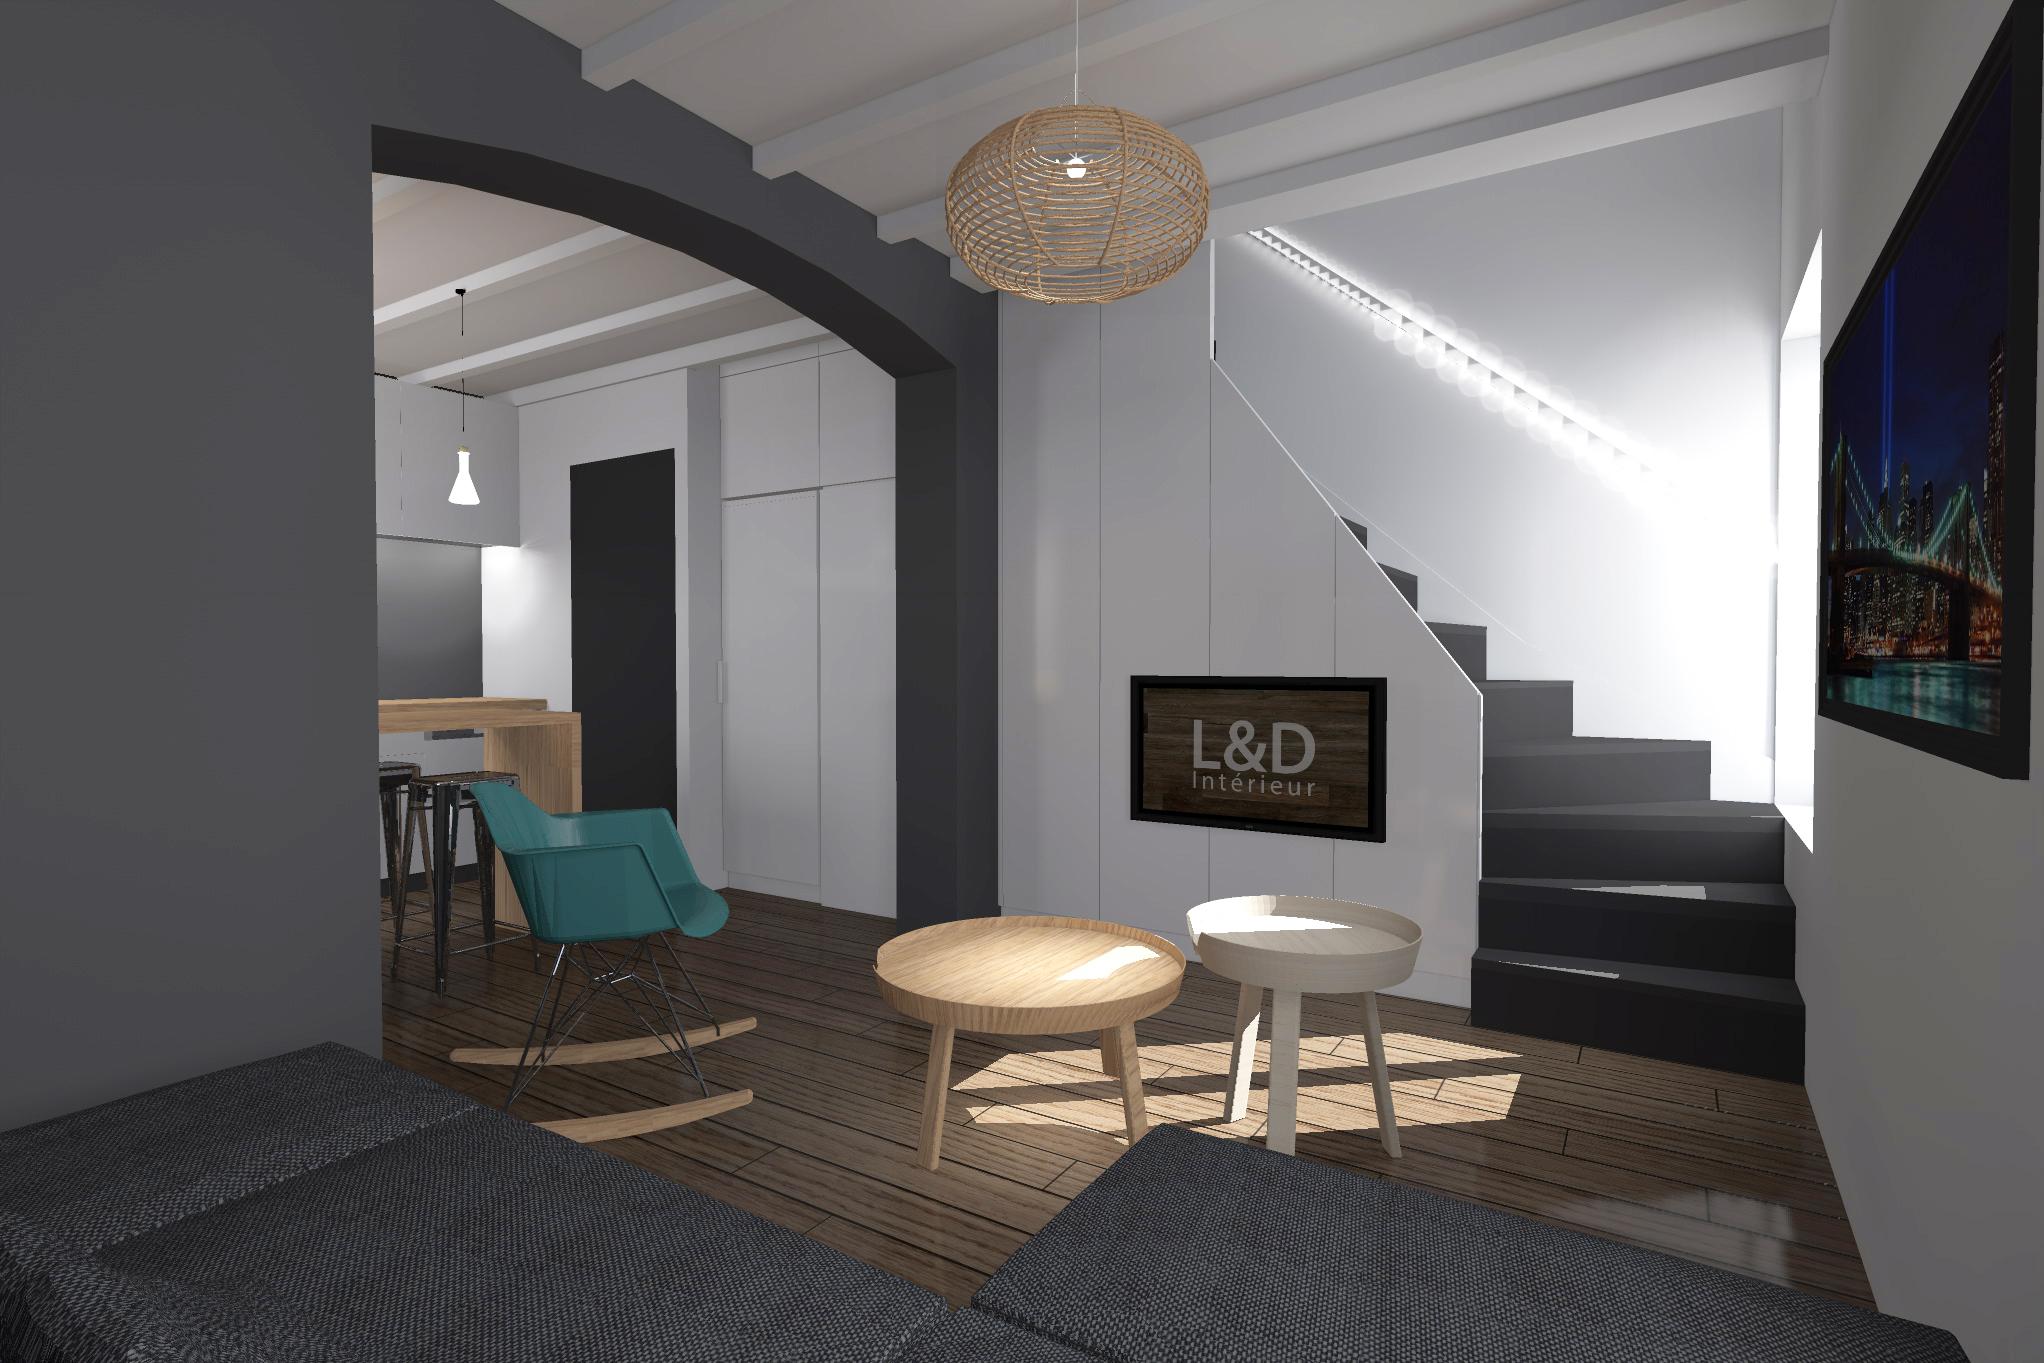 Souvent L&D Intérieur – Louise Delabre – Agence d'Architecture d'Intérieur  RI74